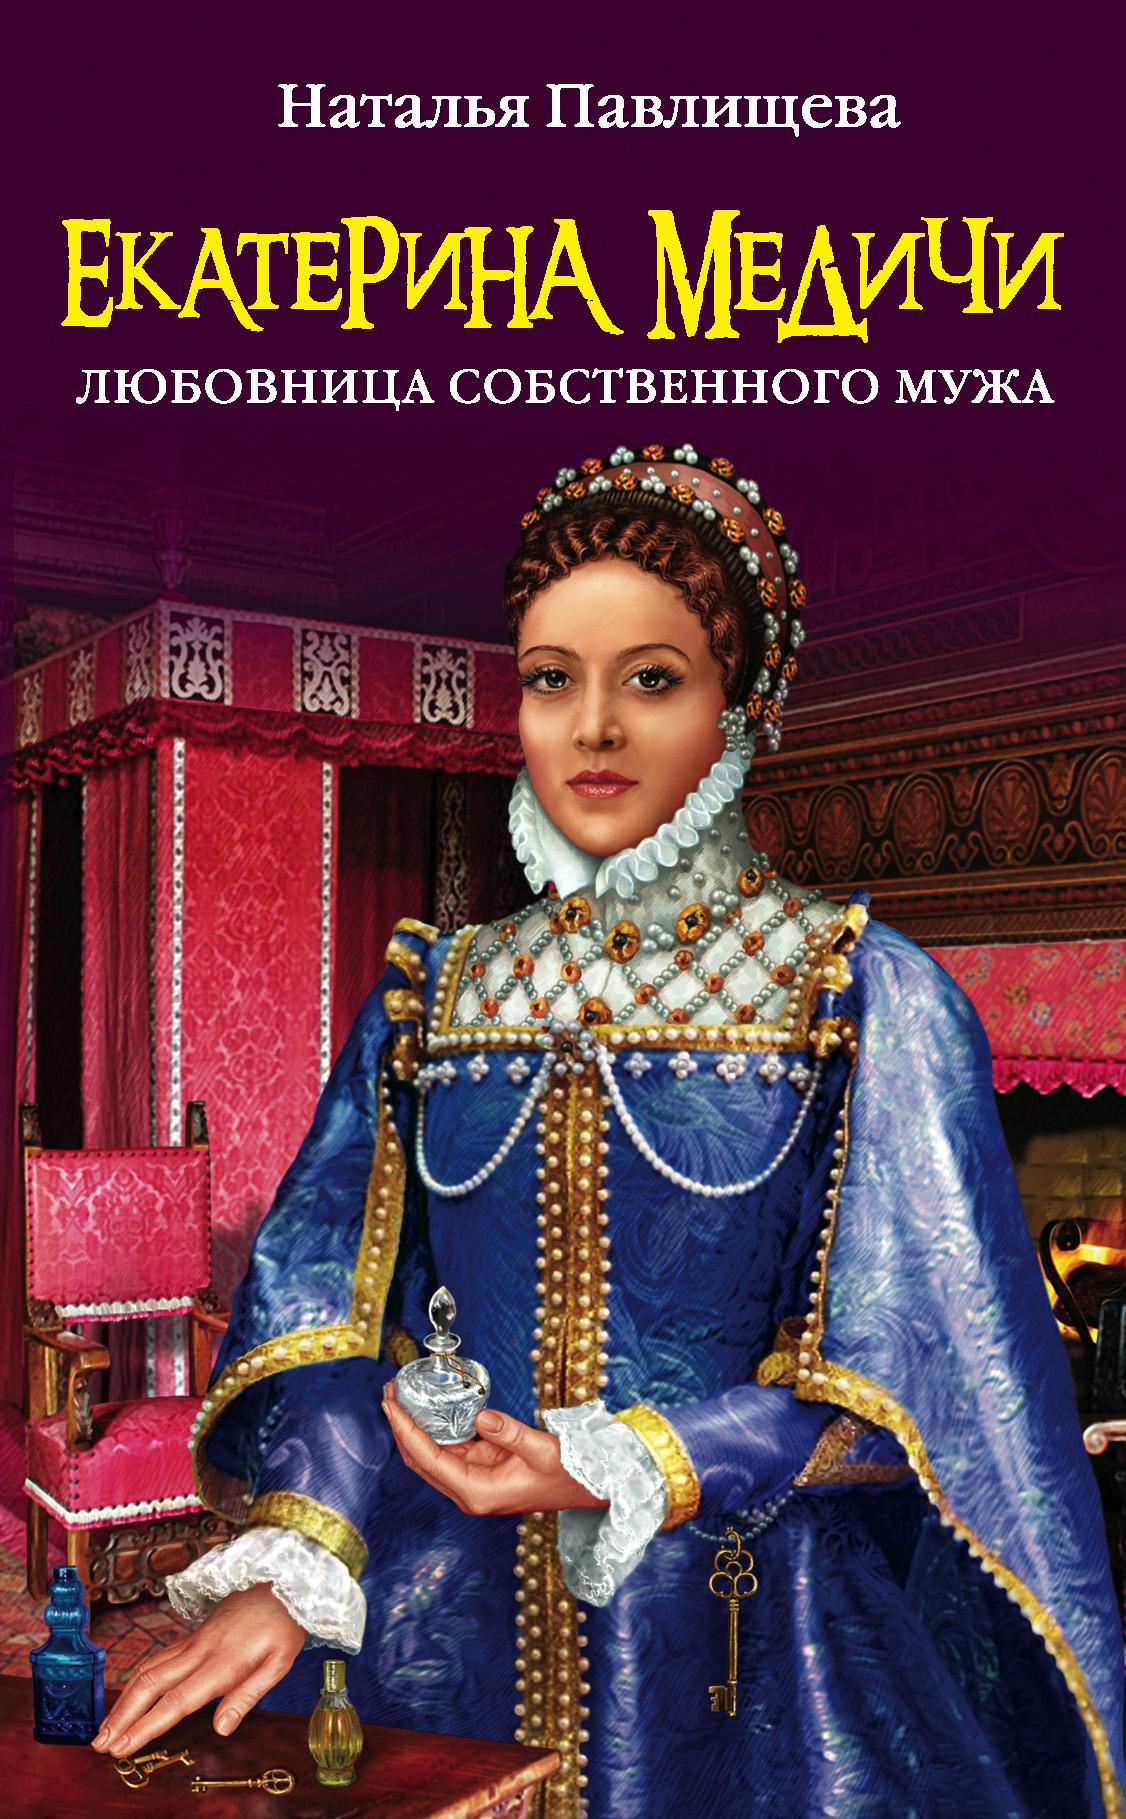 Екатерина Медичи. Любовница собственного мужа ( Наталья Павлищева  )